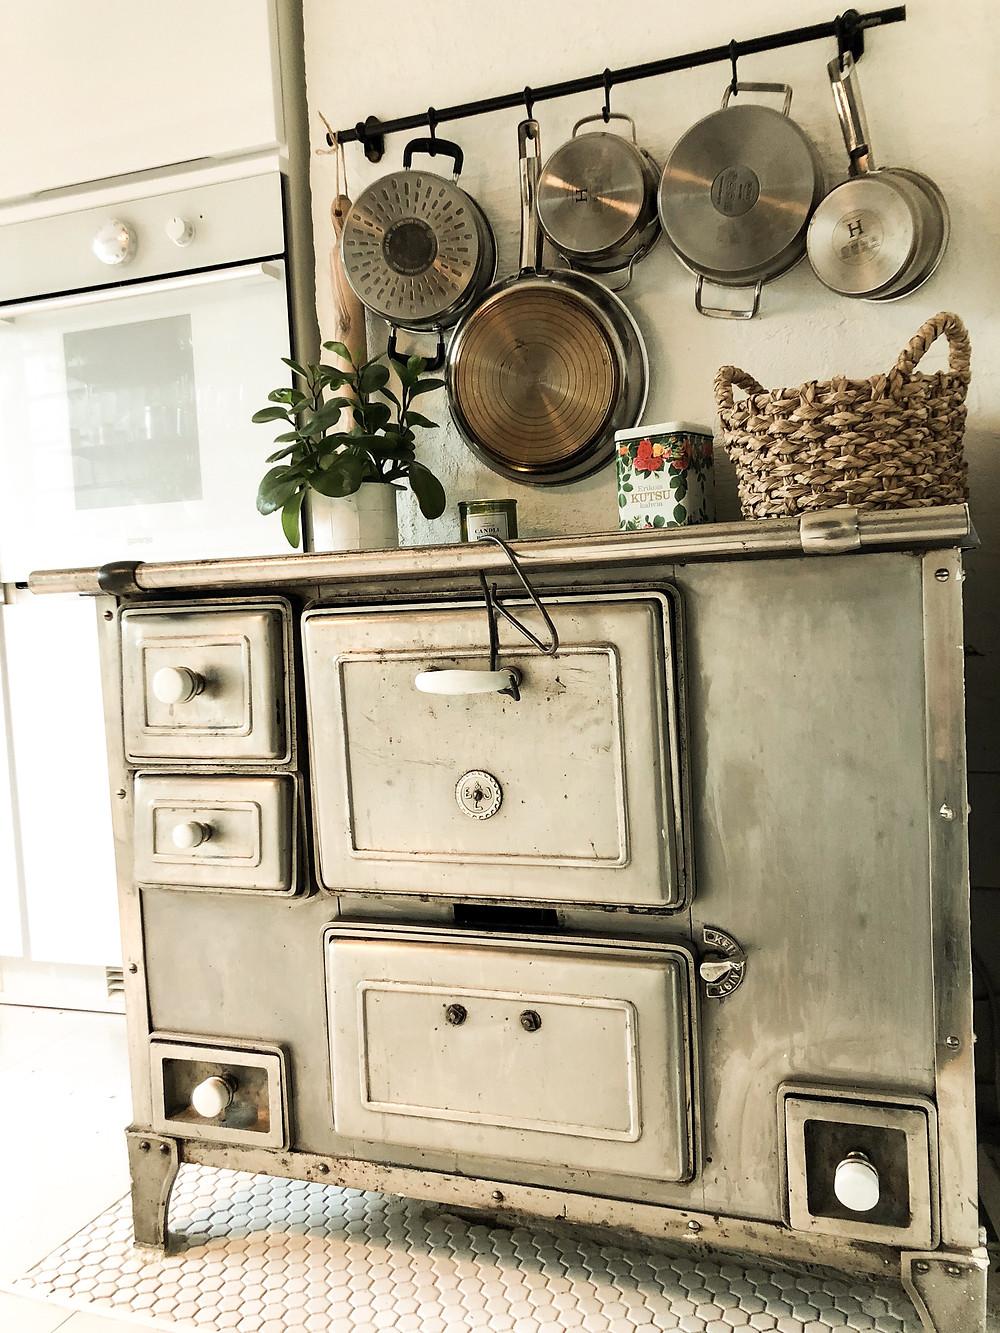 E&J Leinon vanha liesi, old stove from E&J Leino